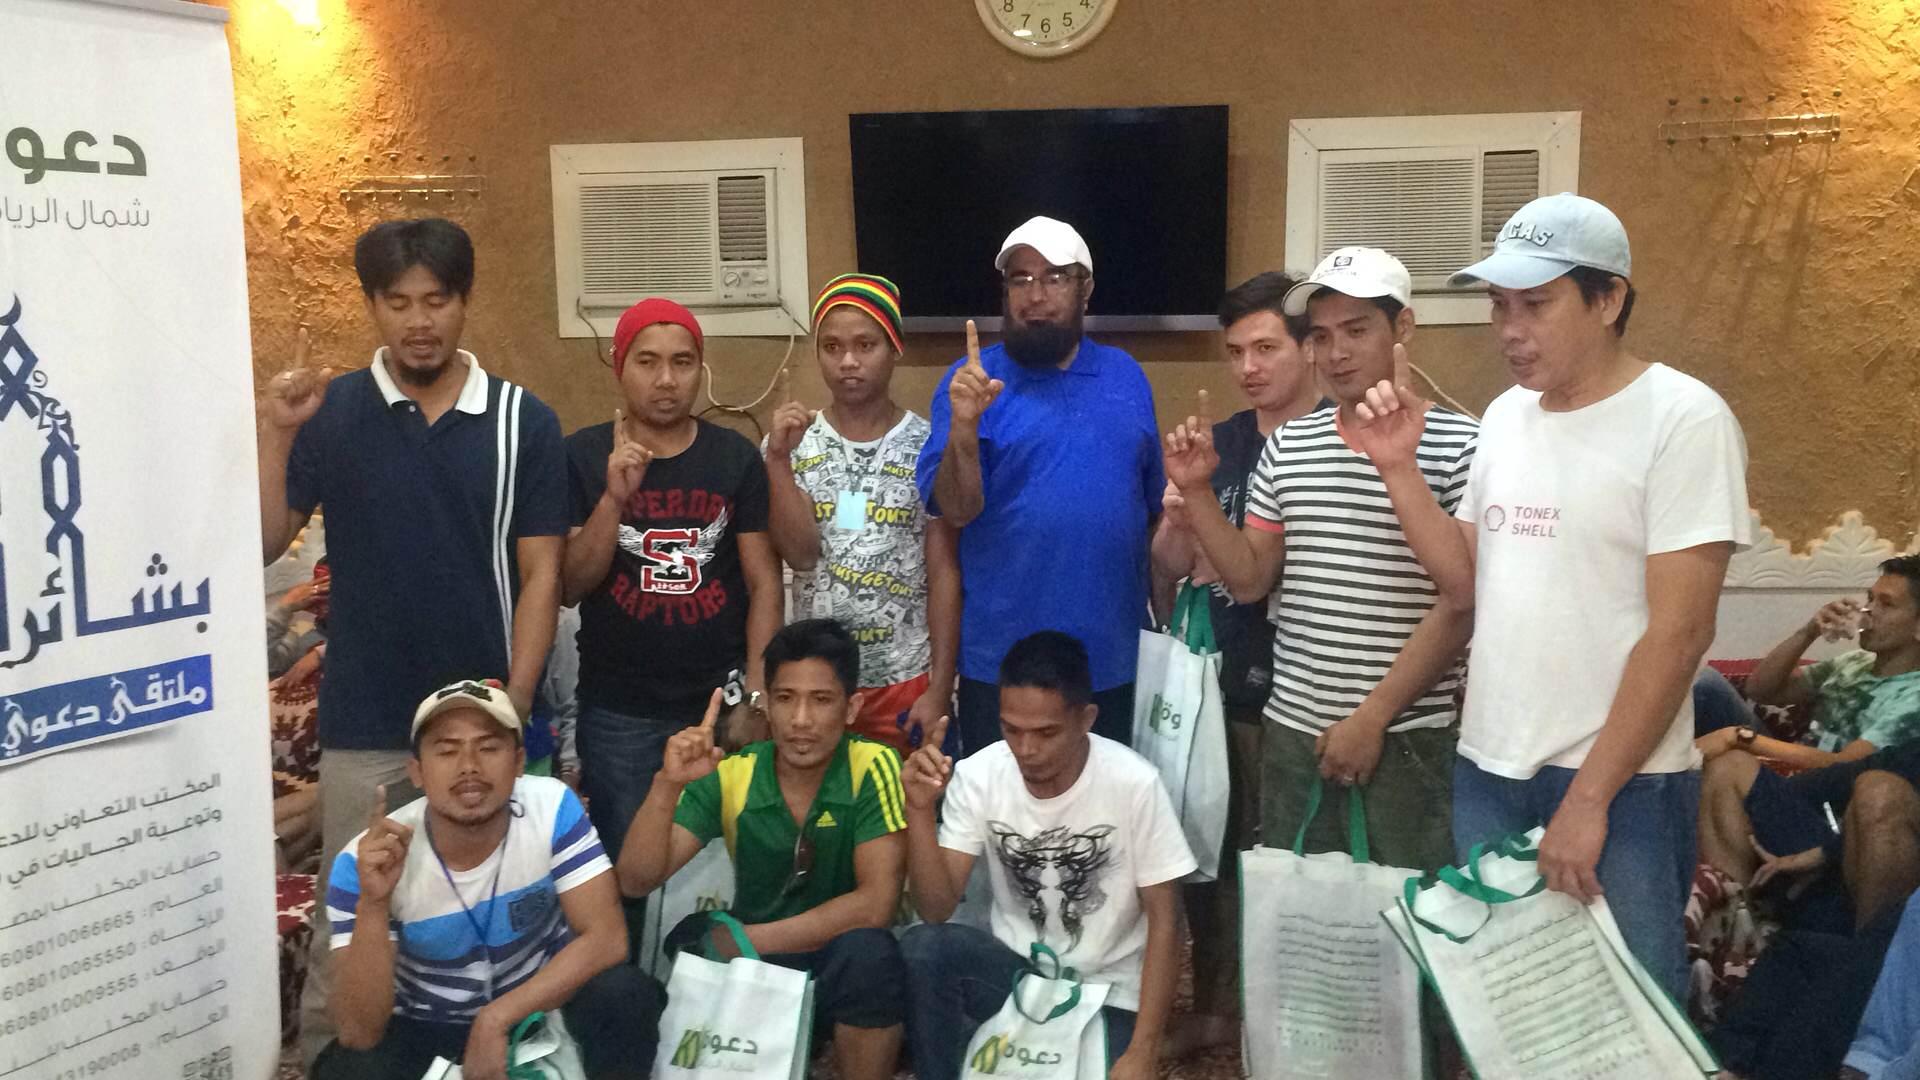 إسلام 9 من الجالية الفلبينة بملتقى بشائر الخير دعوى شمال الرياض (3)